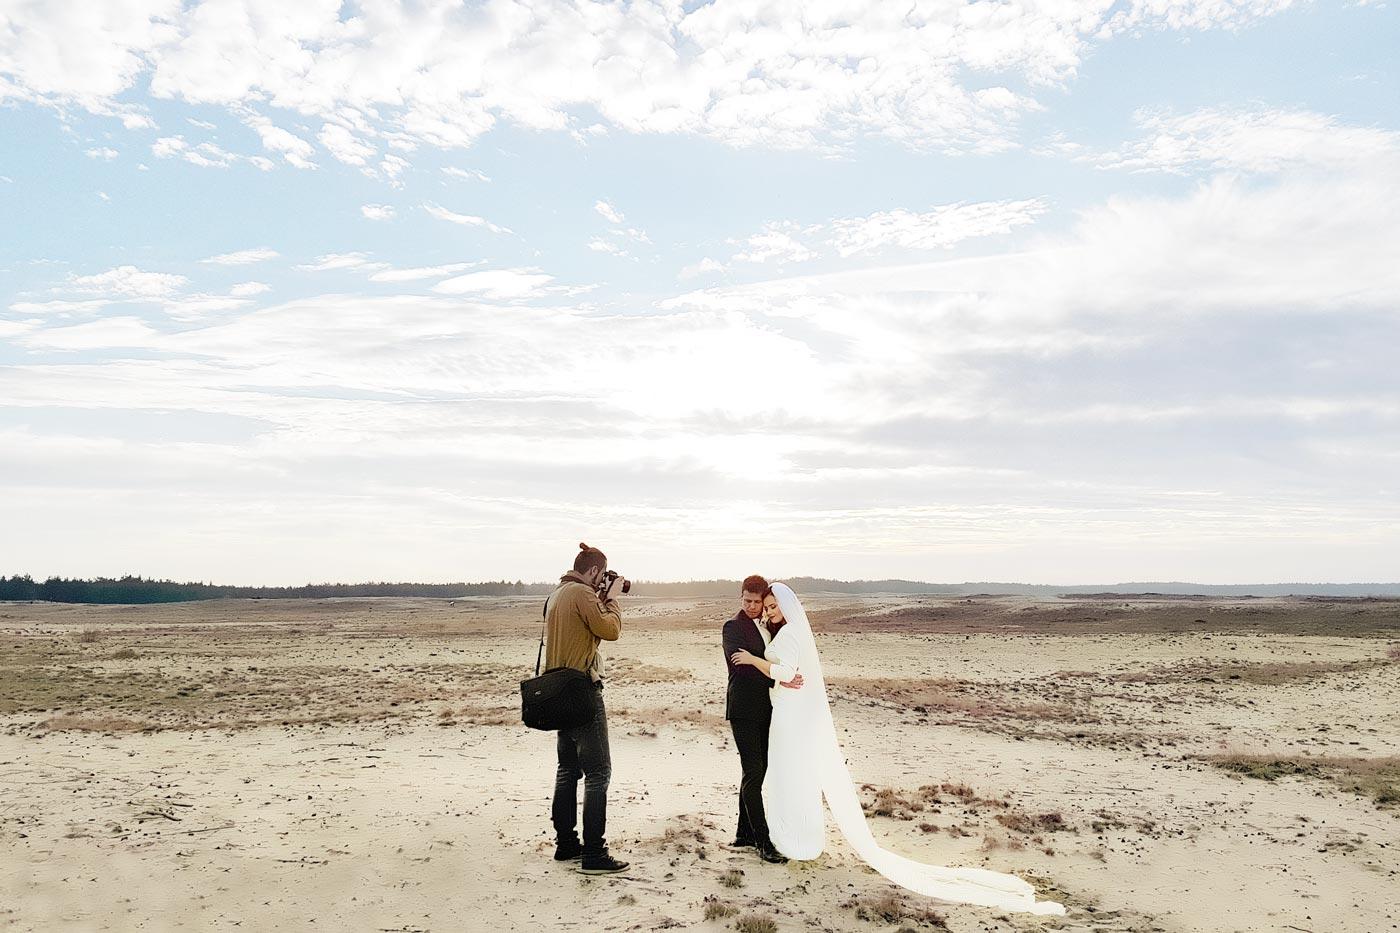 fotograf fine art przy pracy na pustyni marcin syska